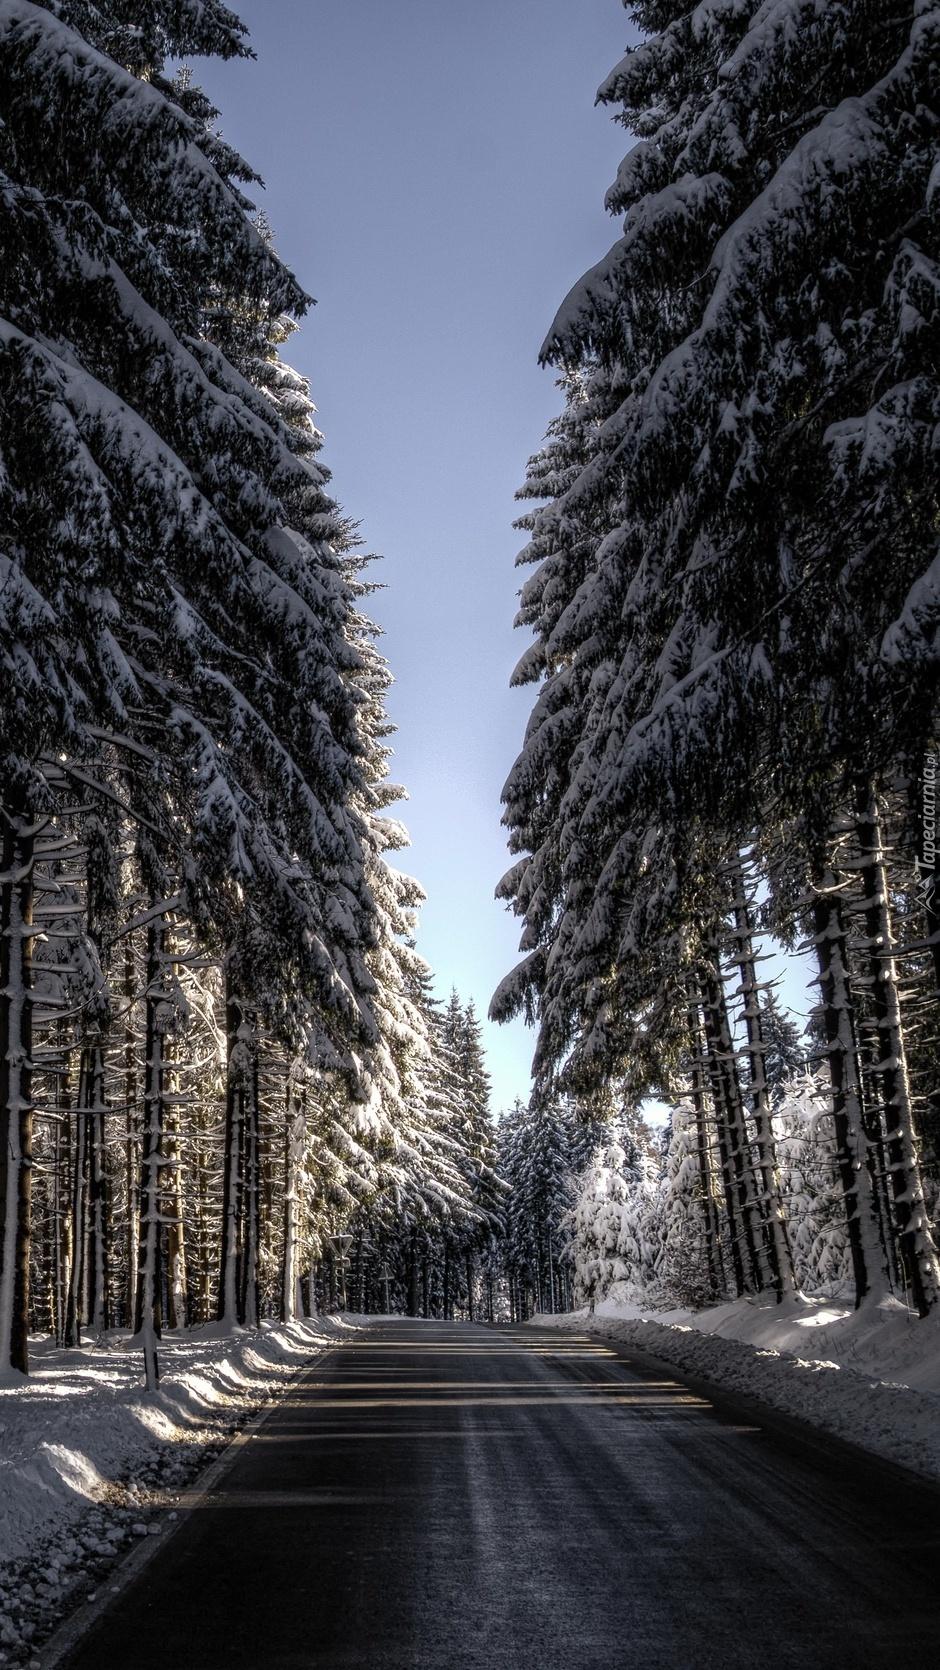 Wysokie drzewa przy drodze zimową porą